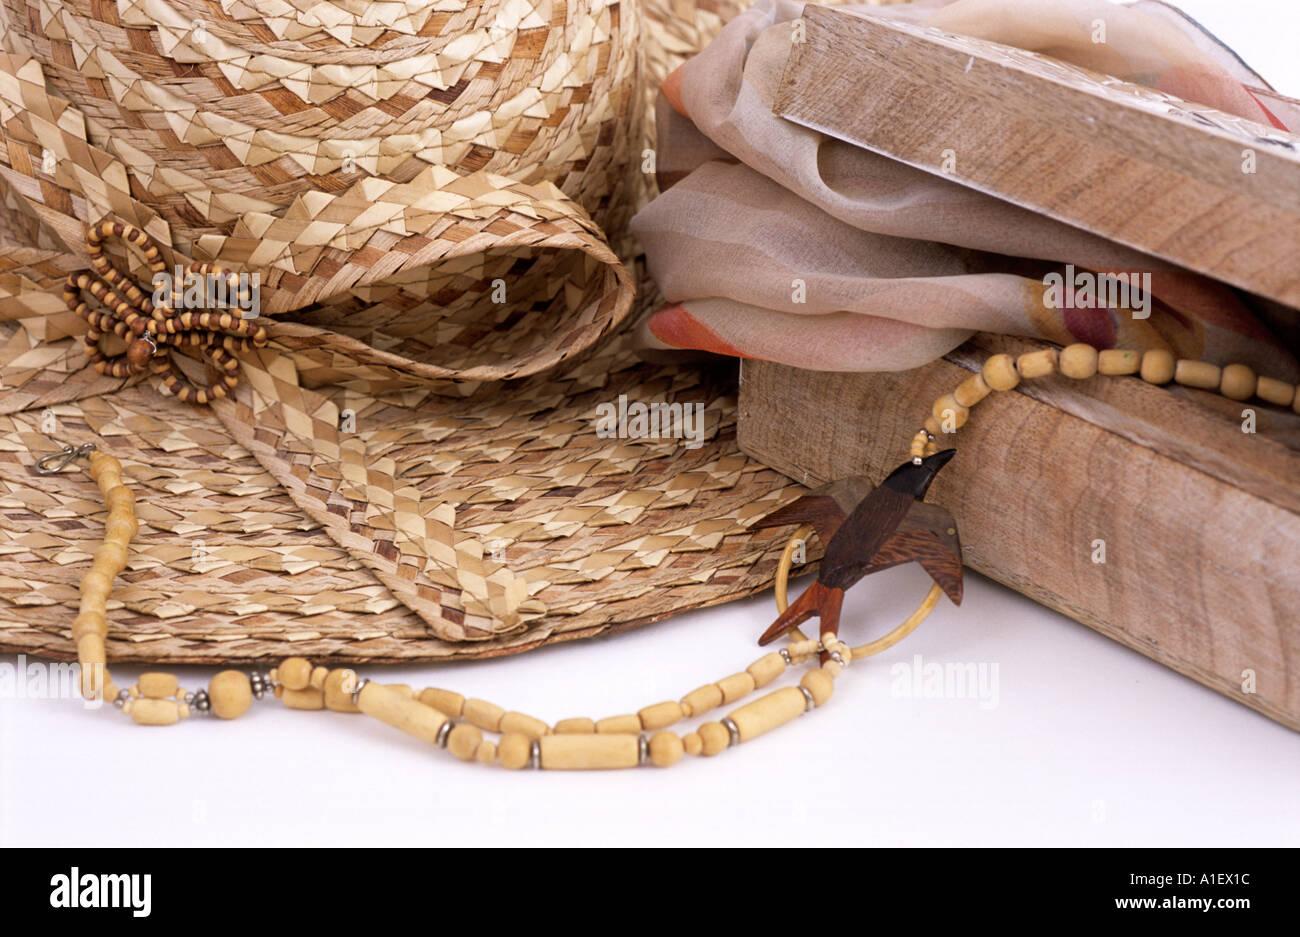 Ancora vita cappello di paglia perline di legno sciarpa accessori e un  gingillo box Immagini Stock f9000e65c15e